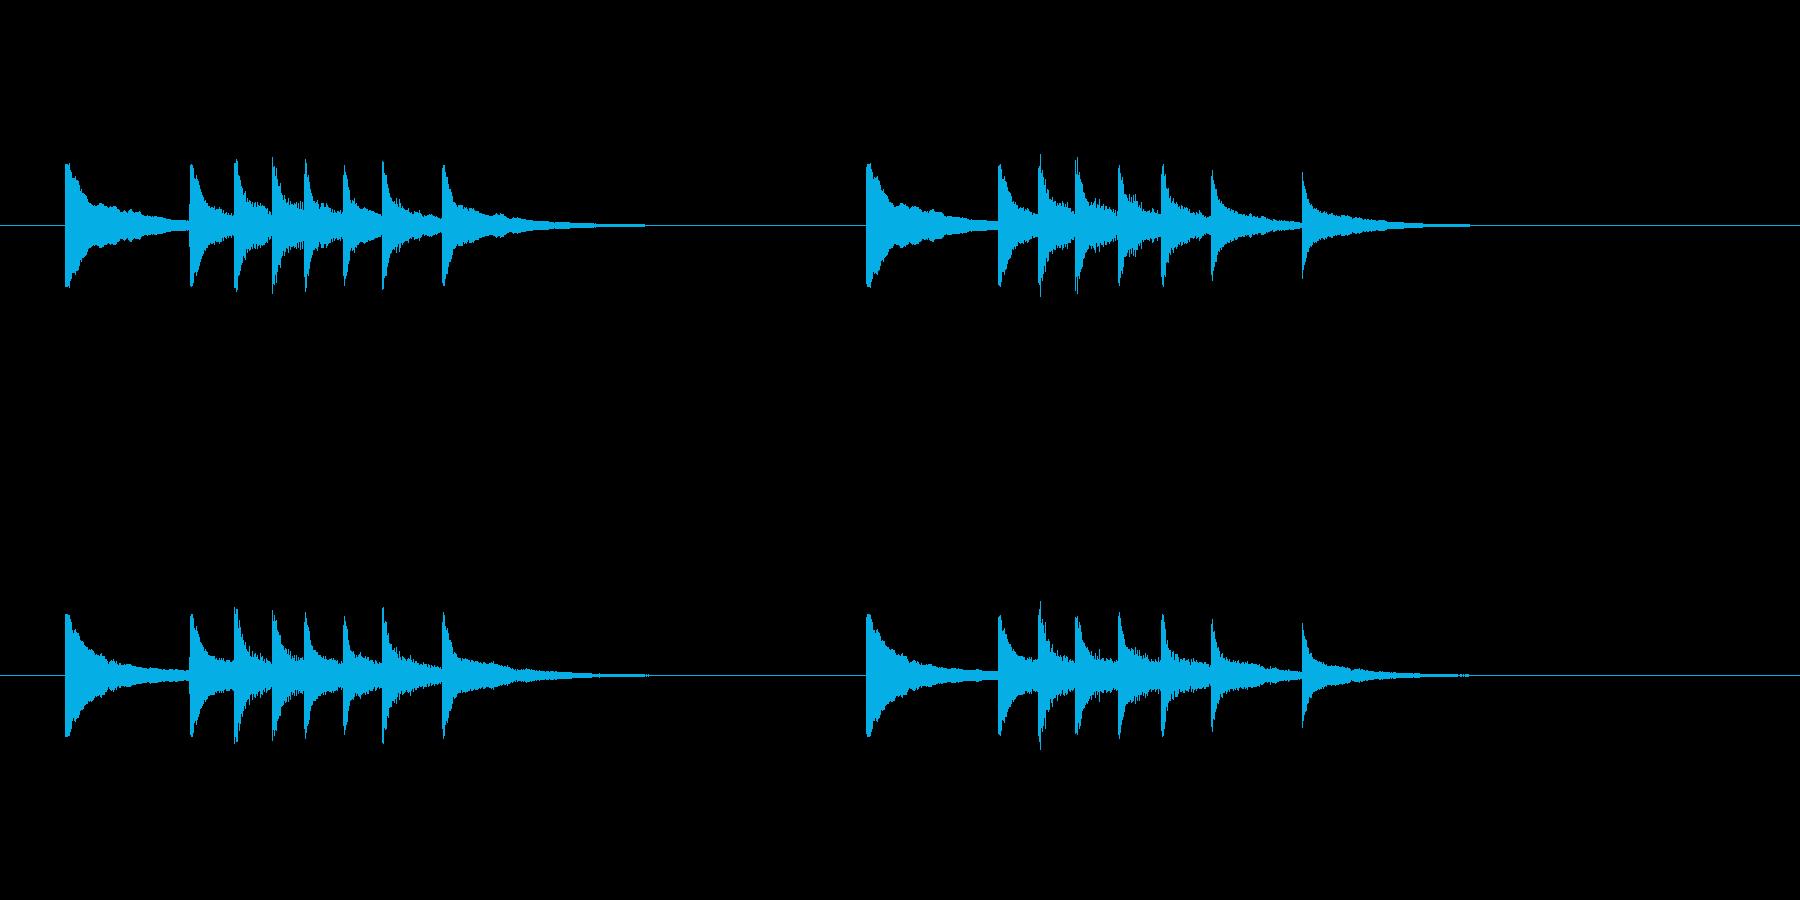 お正月の定番の再生済みの波形